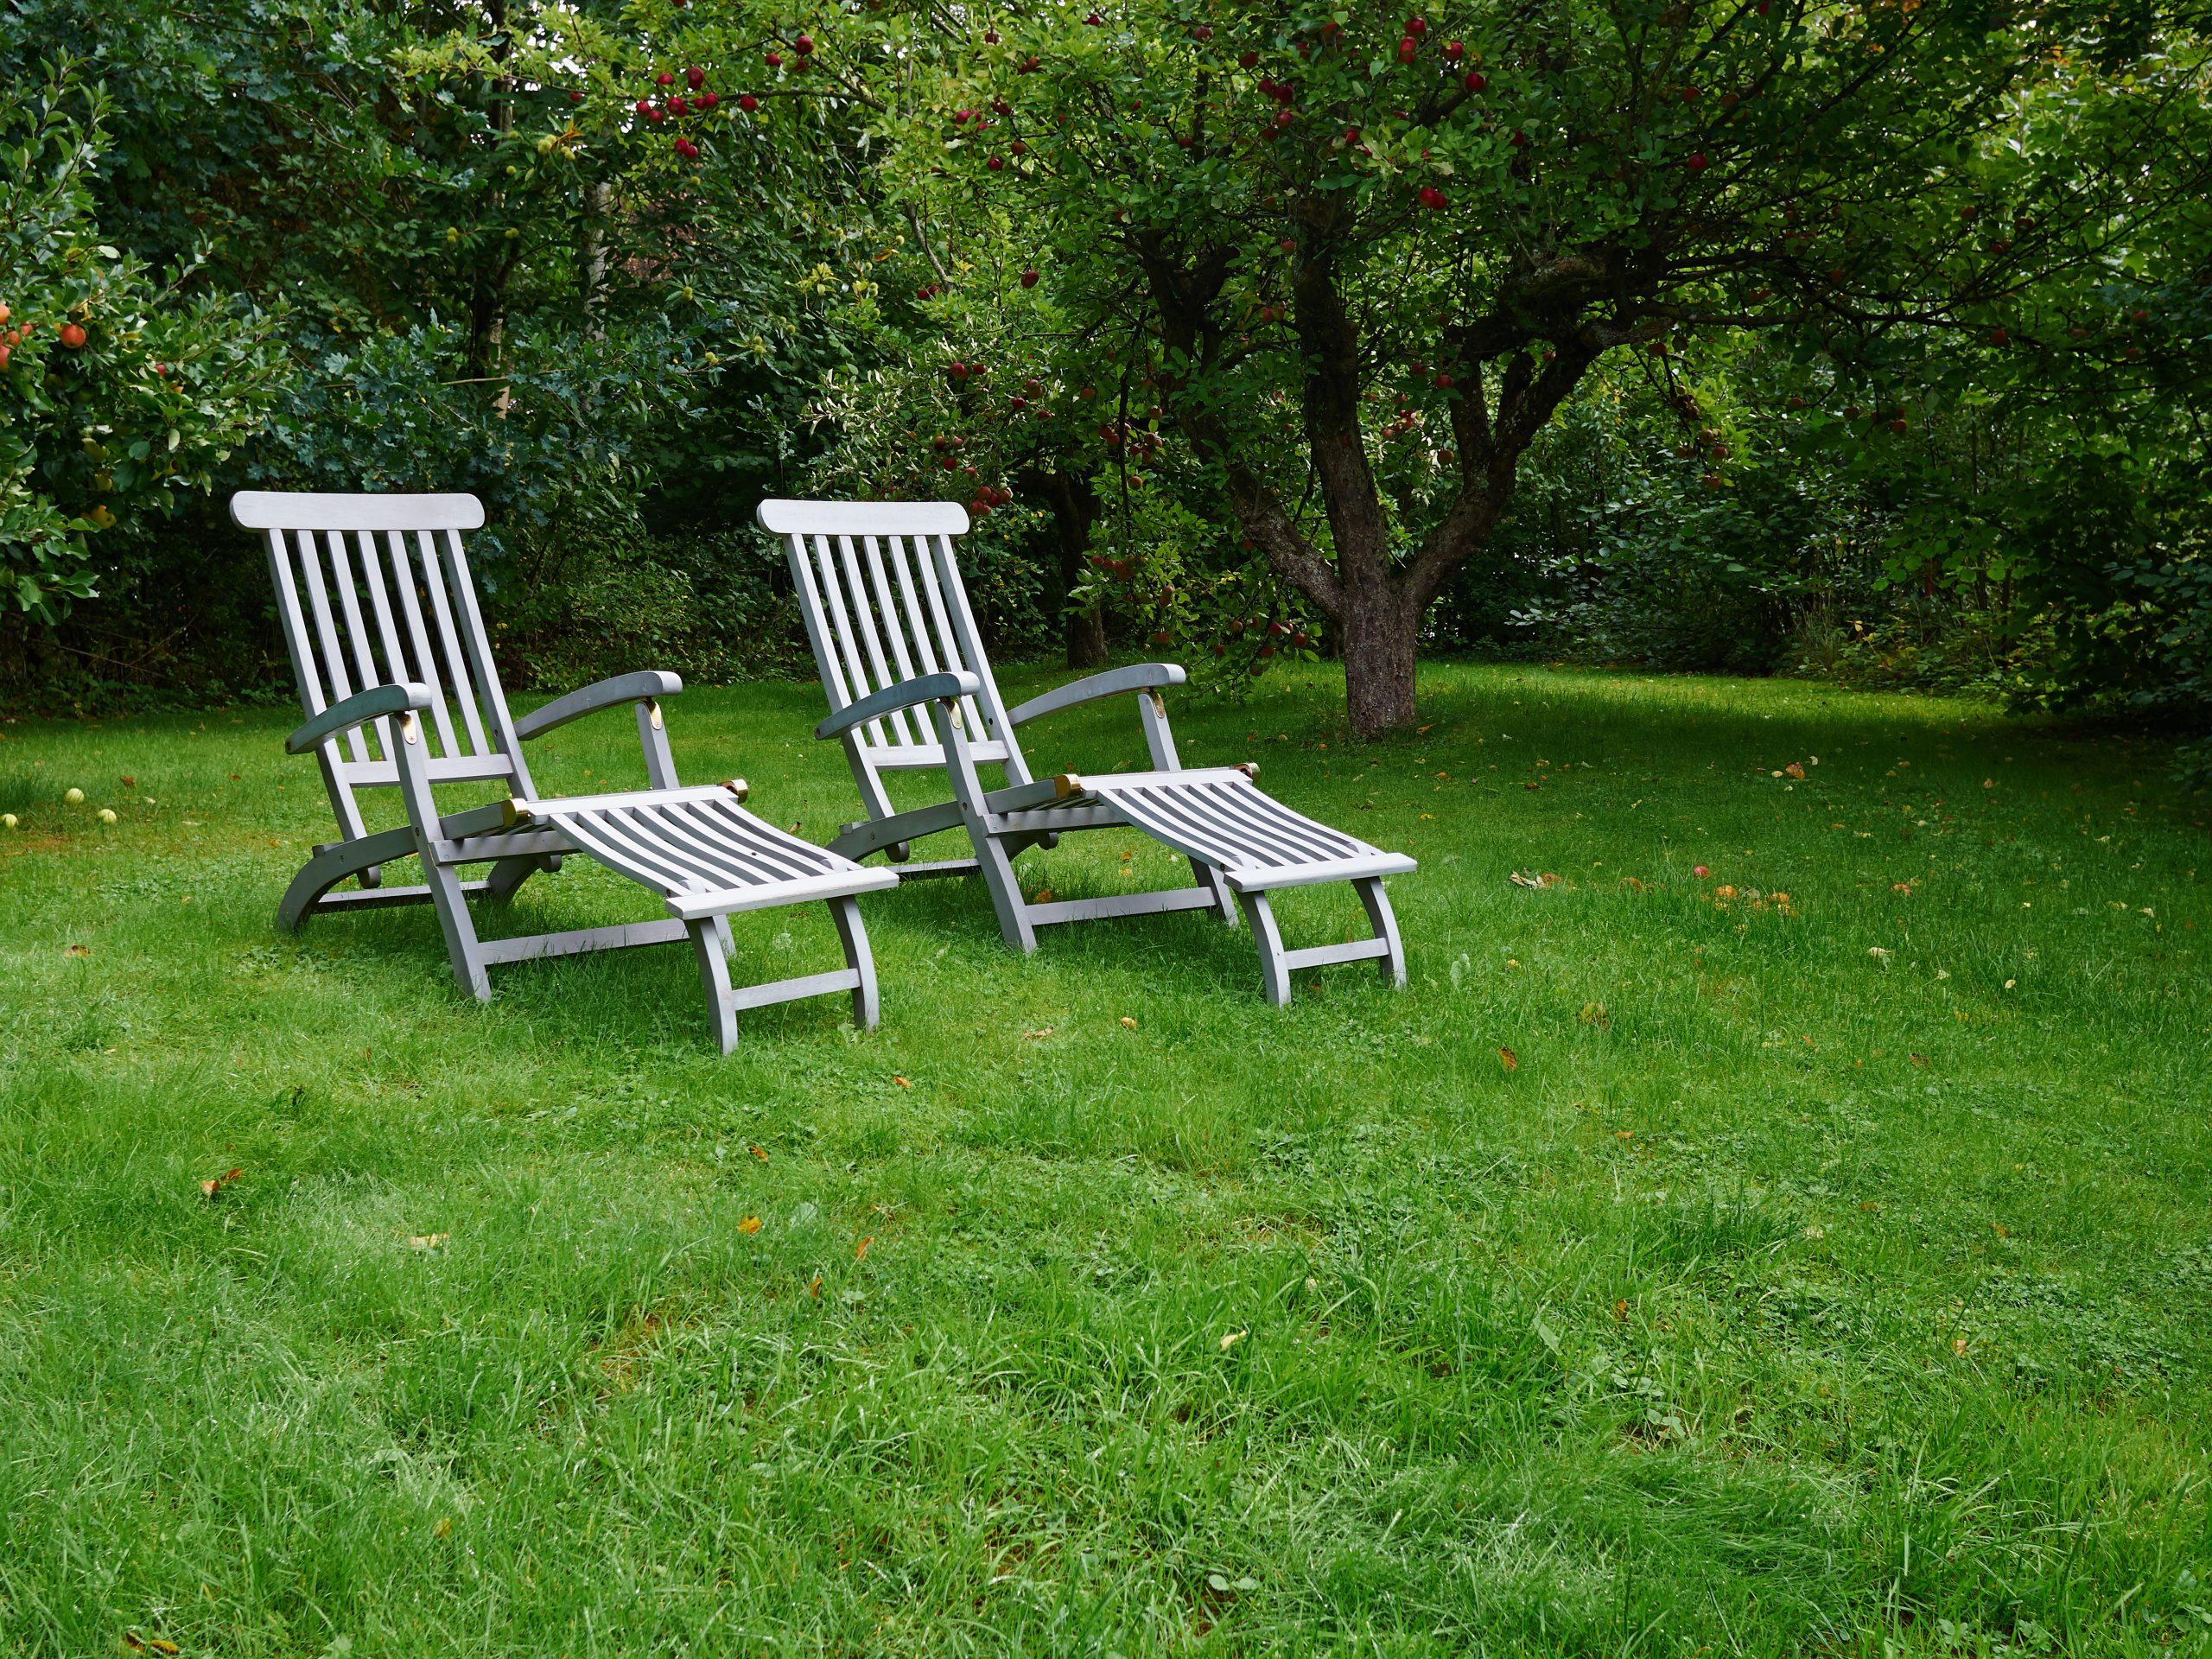 Relajantes cómodos sillones de madera de diseño clásico en el jardín con fondo de paisaje verde